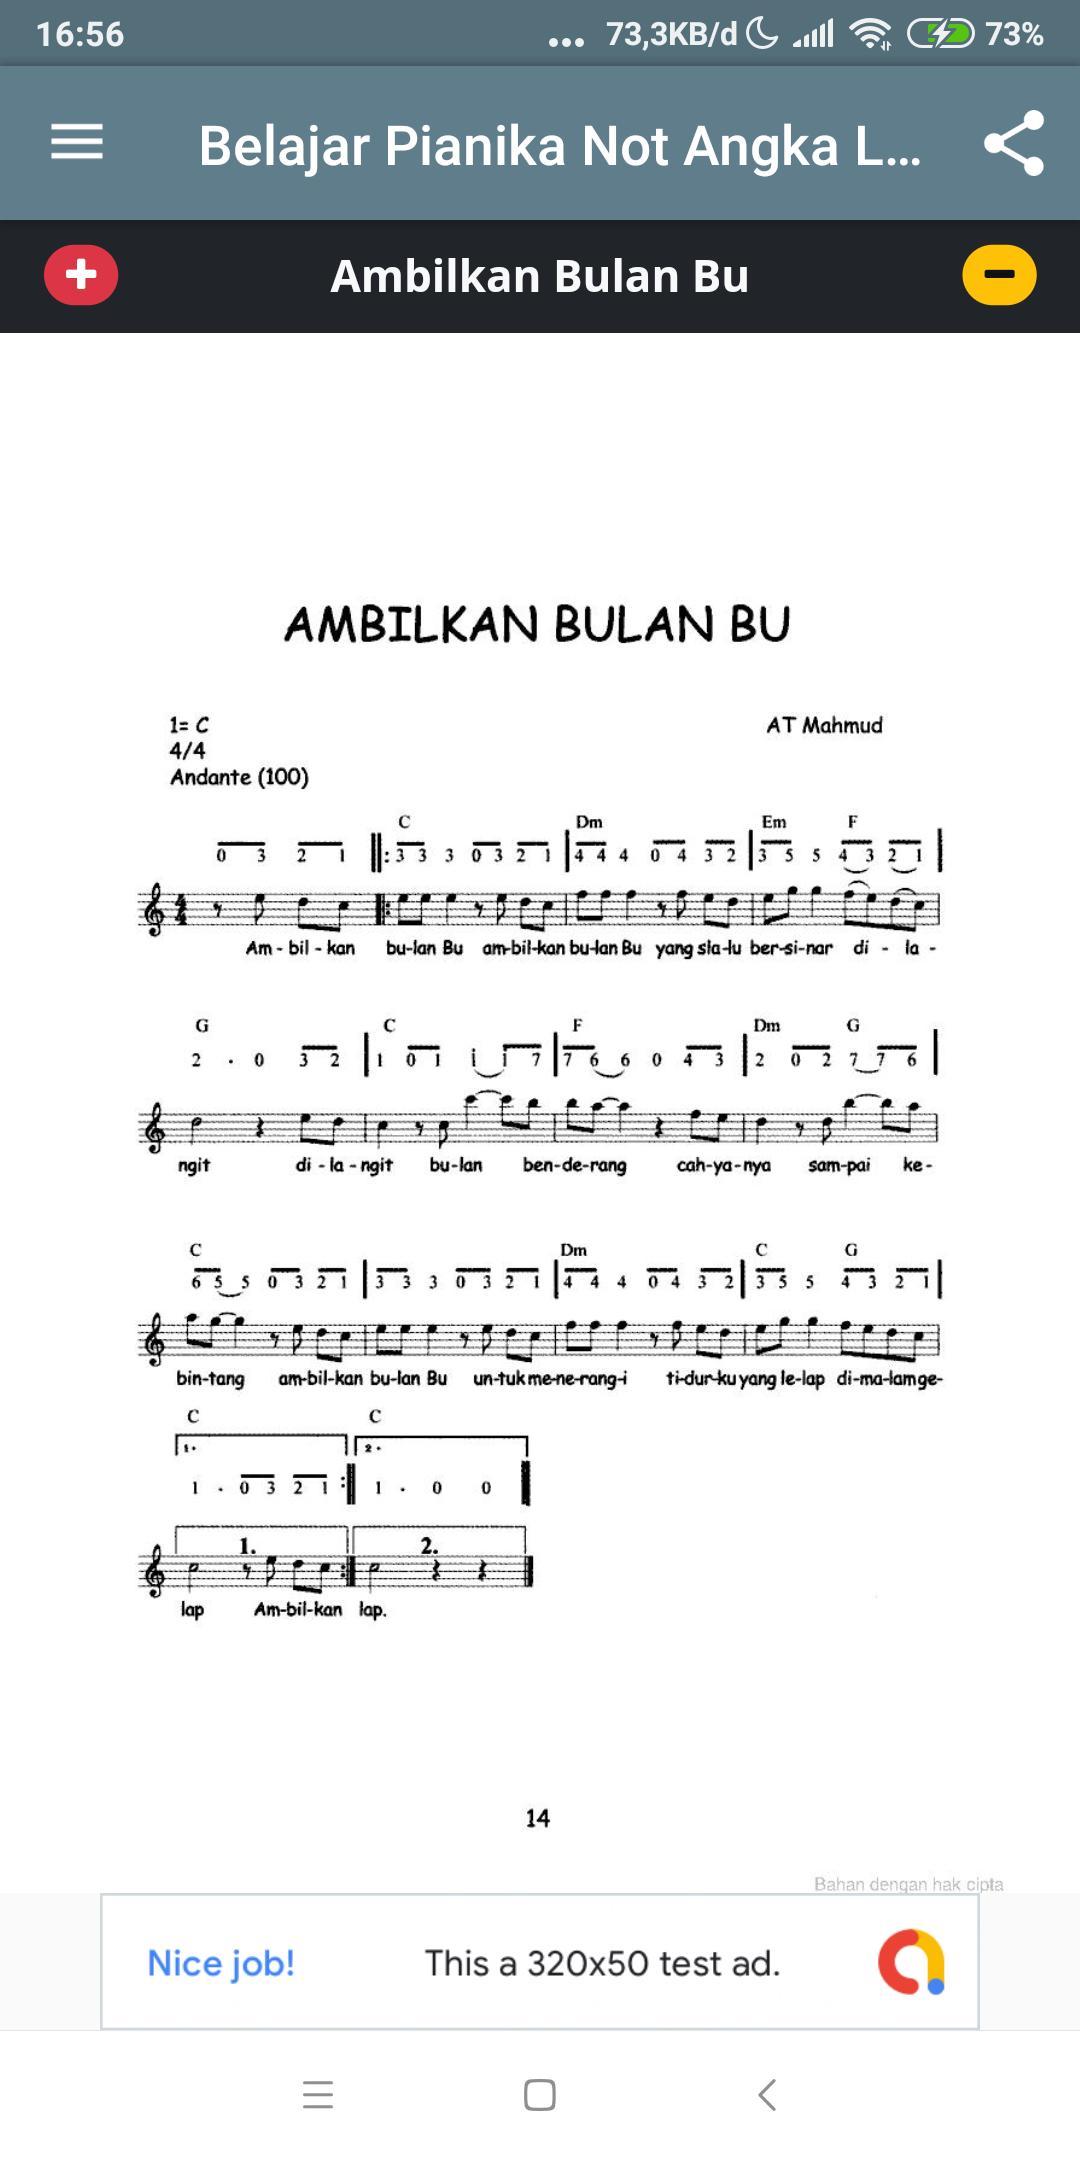 Belajar Pianika Not Angka Lagu Anak For Android Apk Download